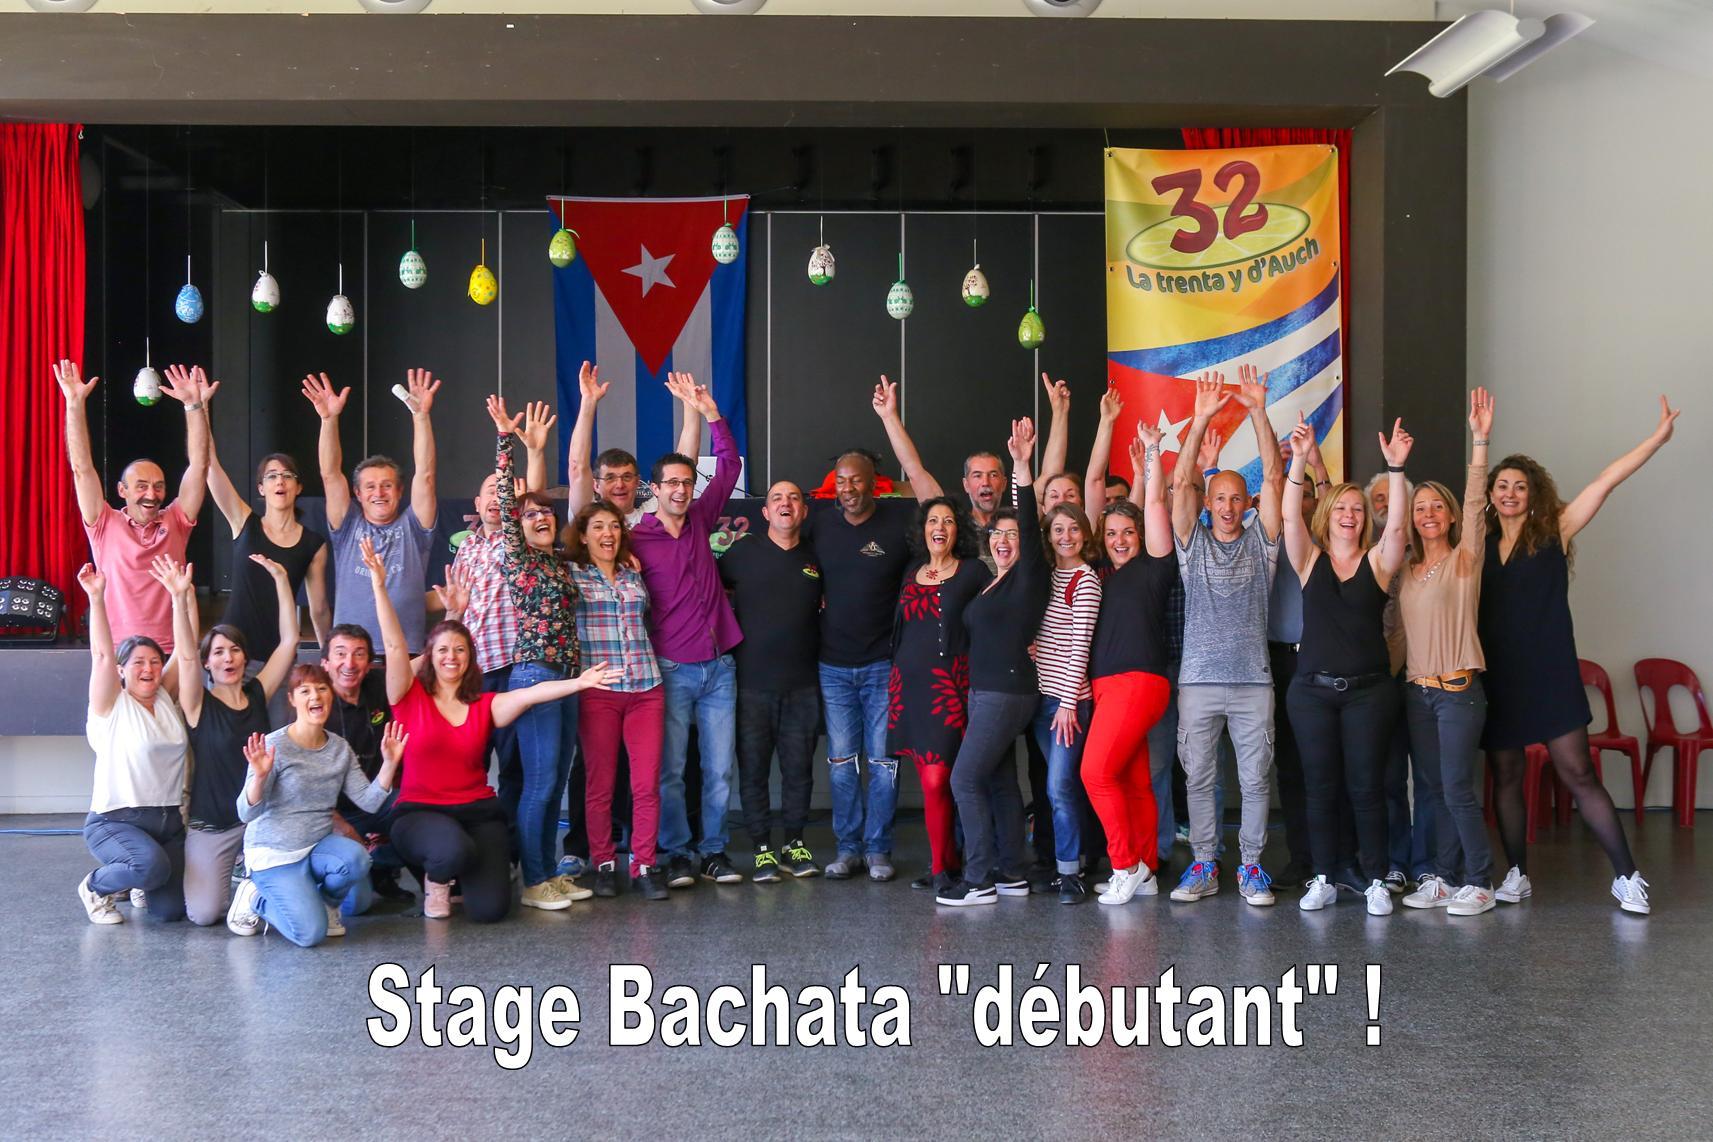 1La32-13042019-stage bachata deb web